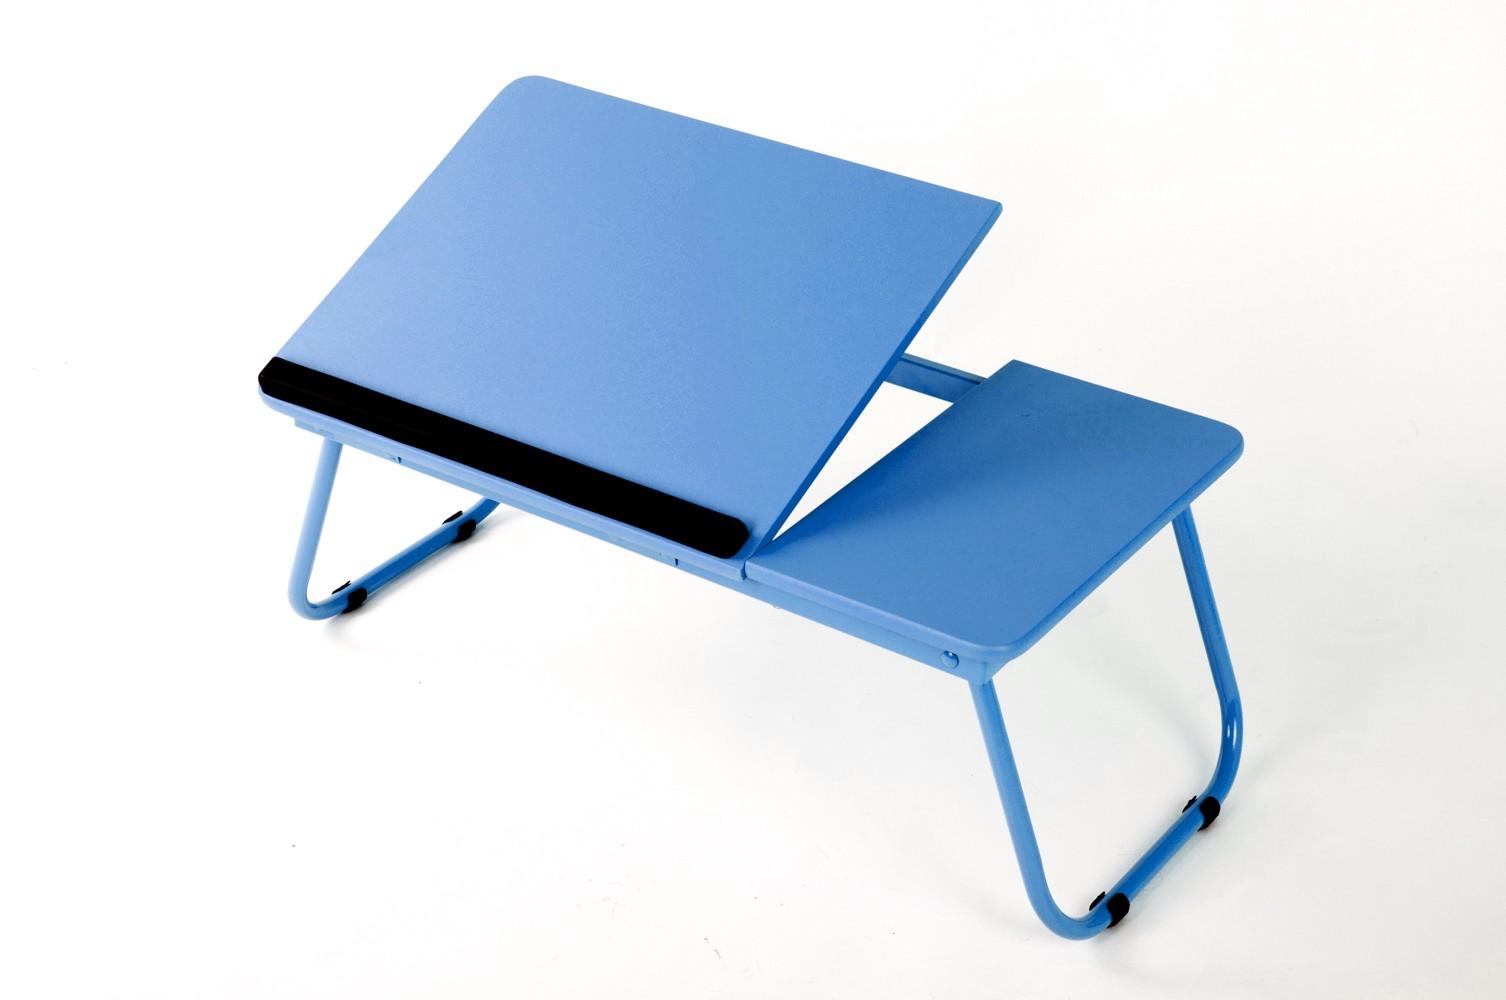 laptop bett tablett laptoptisch notebook betttablett notebooktisch knietablett ebay. Black Bedroom Furniture Sets. Home Design Ideas